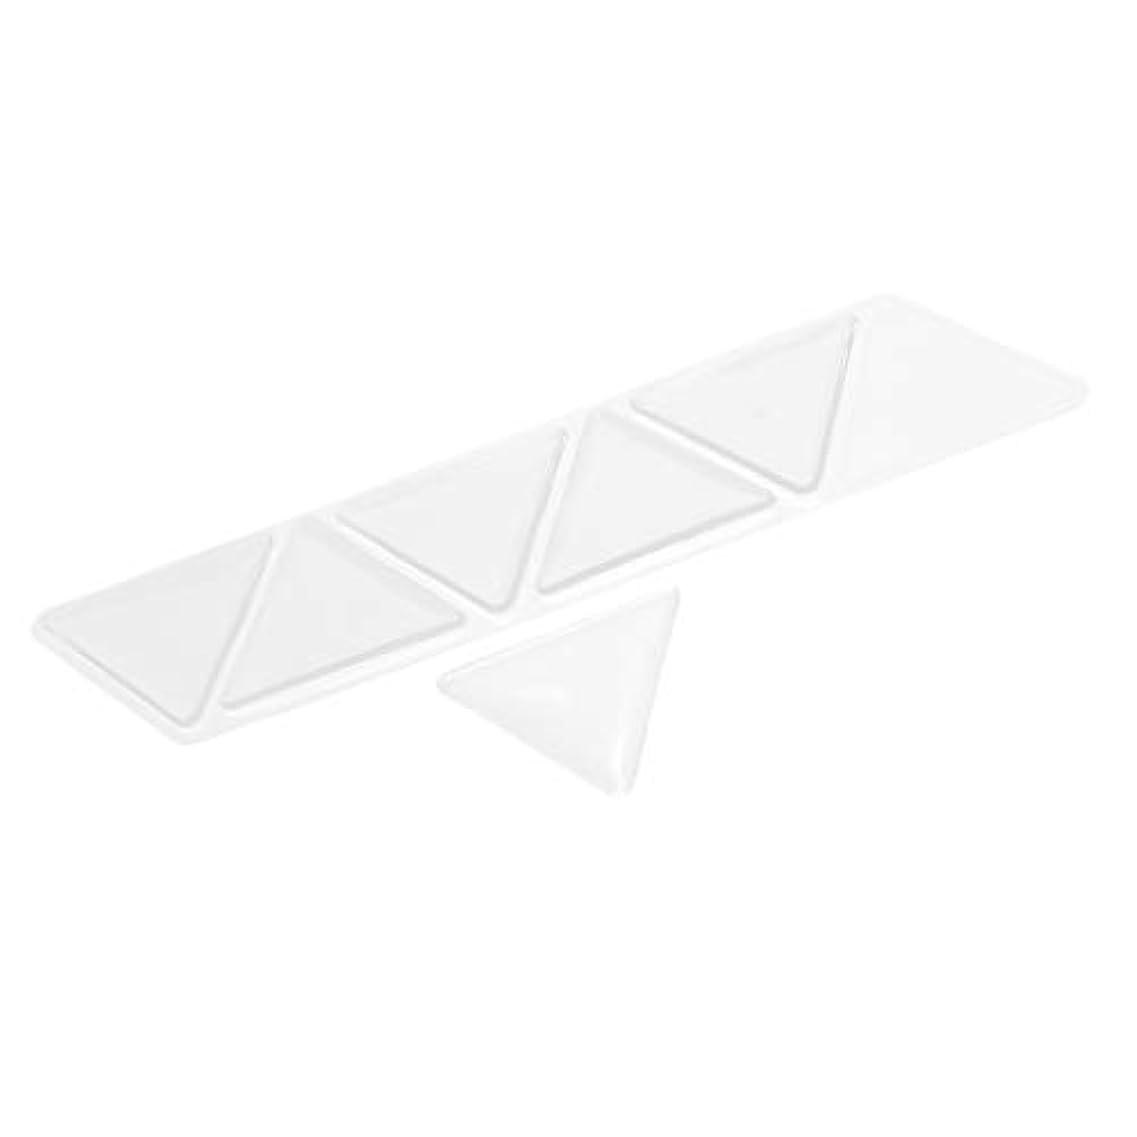 スキムつづり一生Baoblaze 額パッド スキンケアパッド アンチリンクル シリコン 三角パッド 再使用可能な